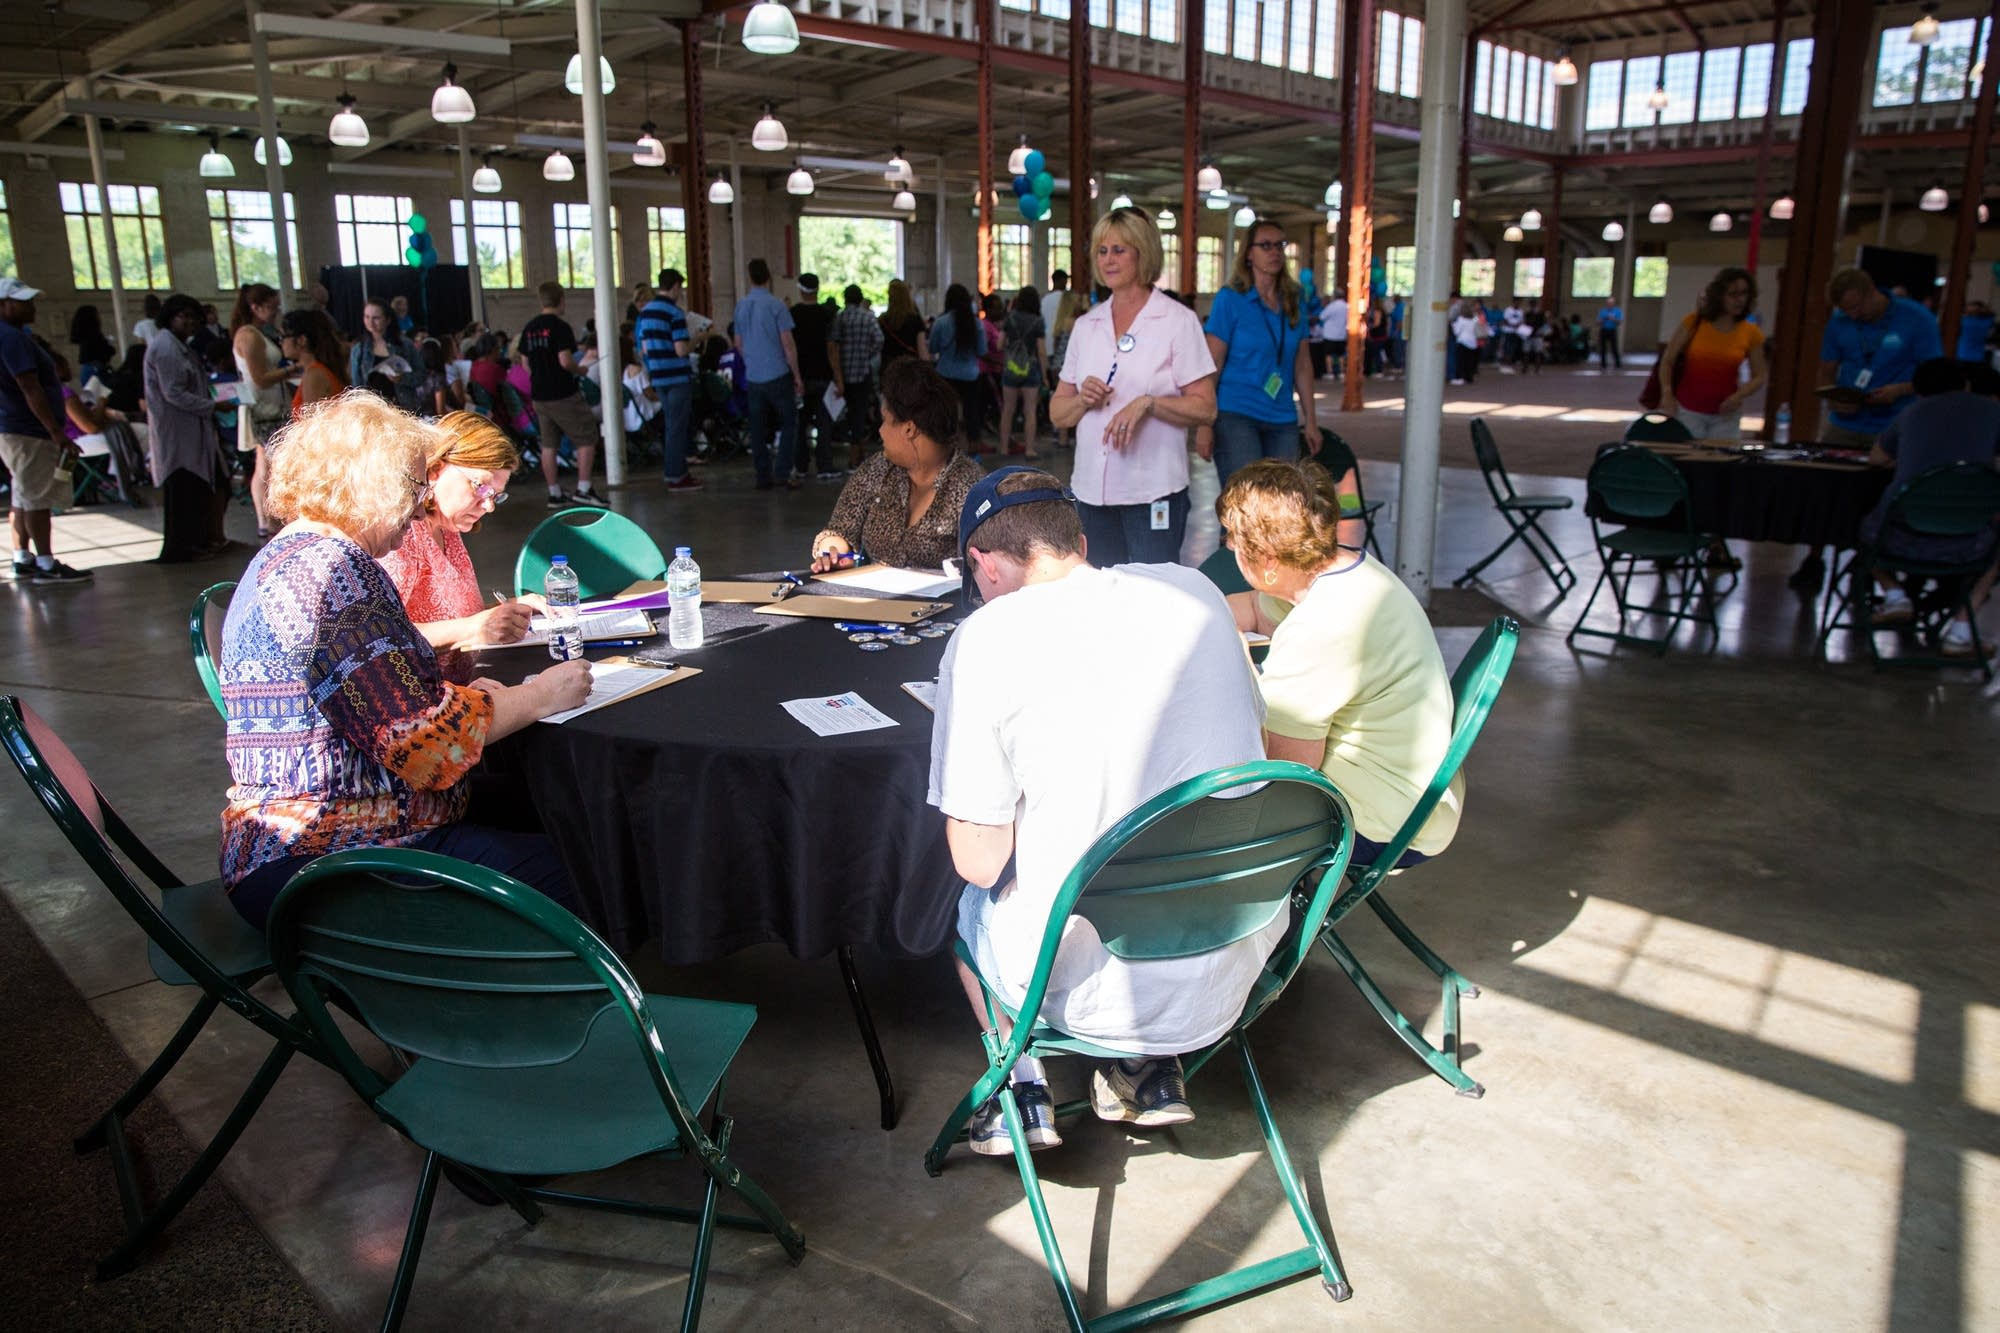 Blue apron job fair - The 1st Annual State Fair Job Fair